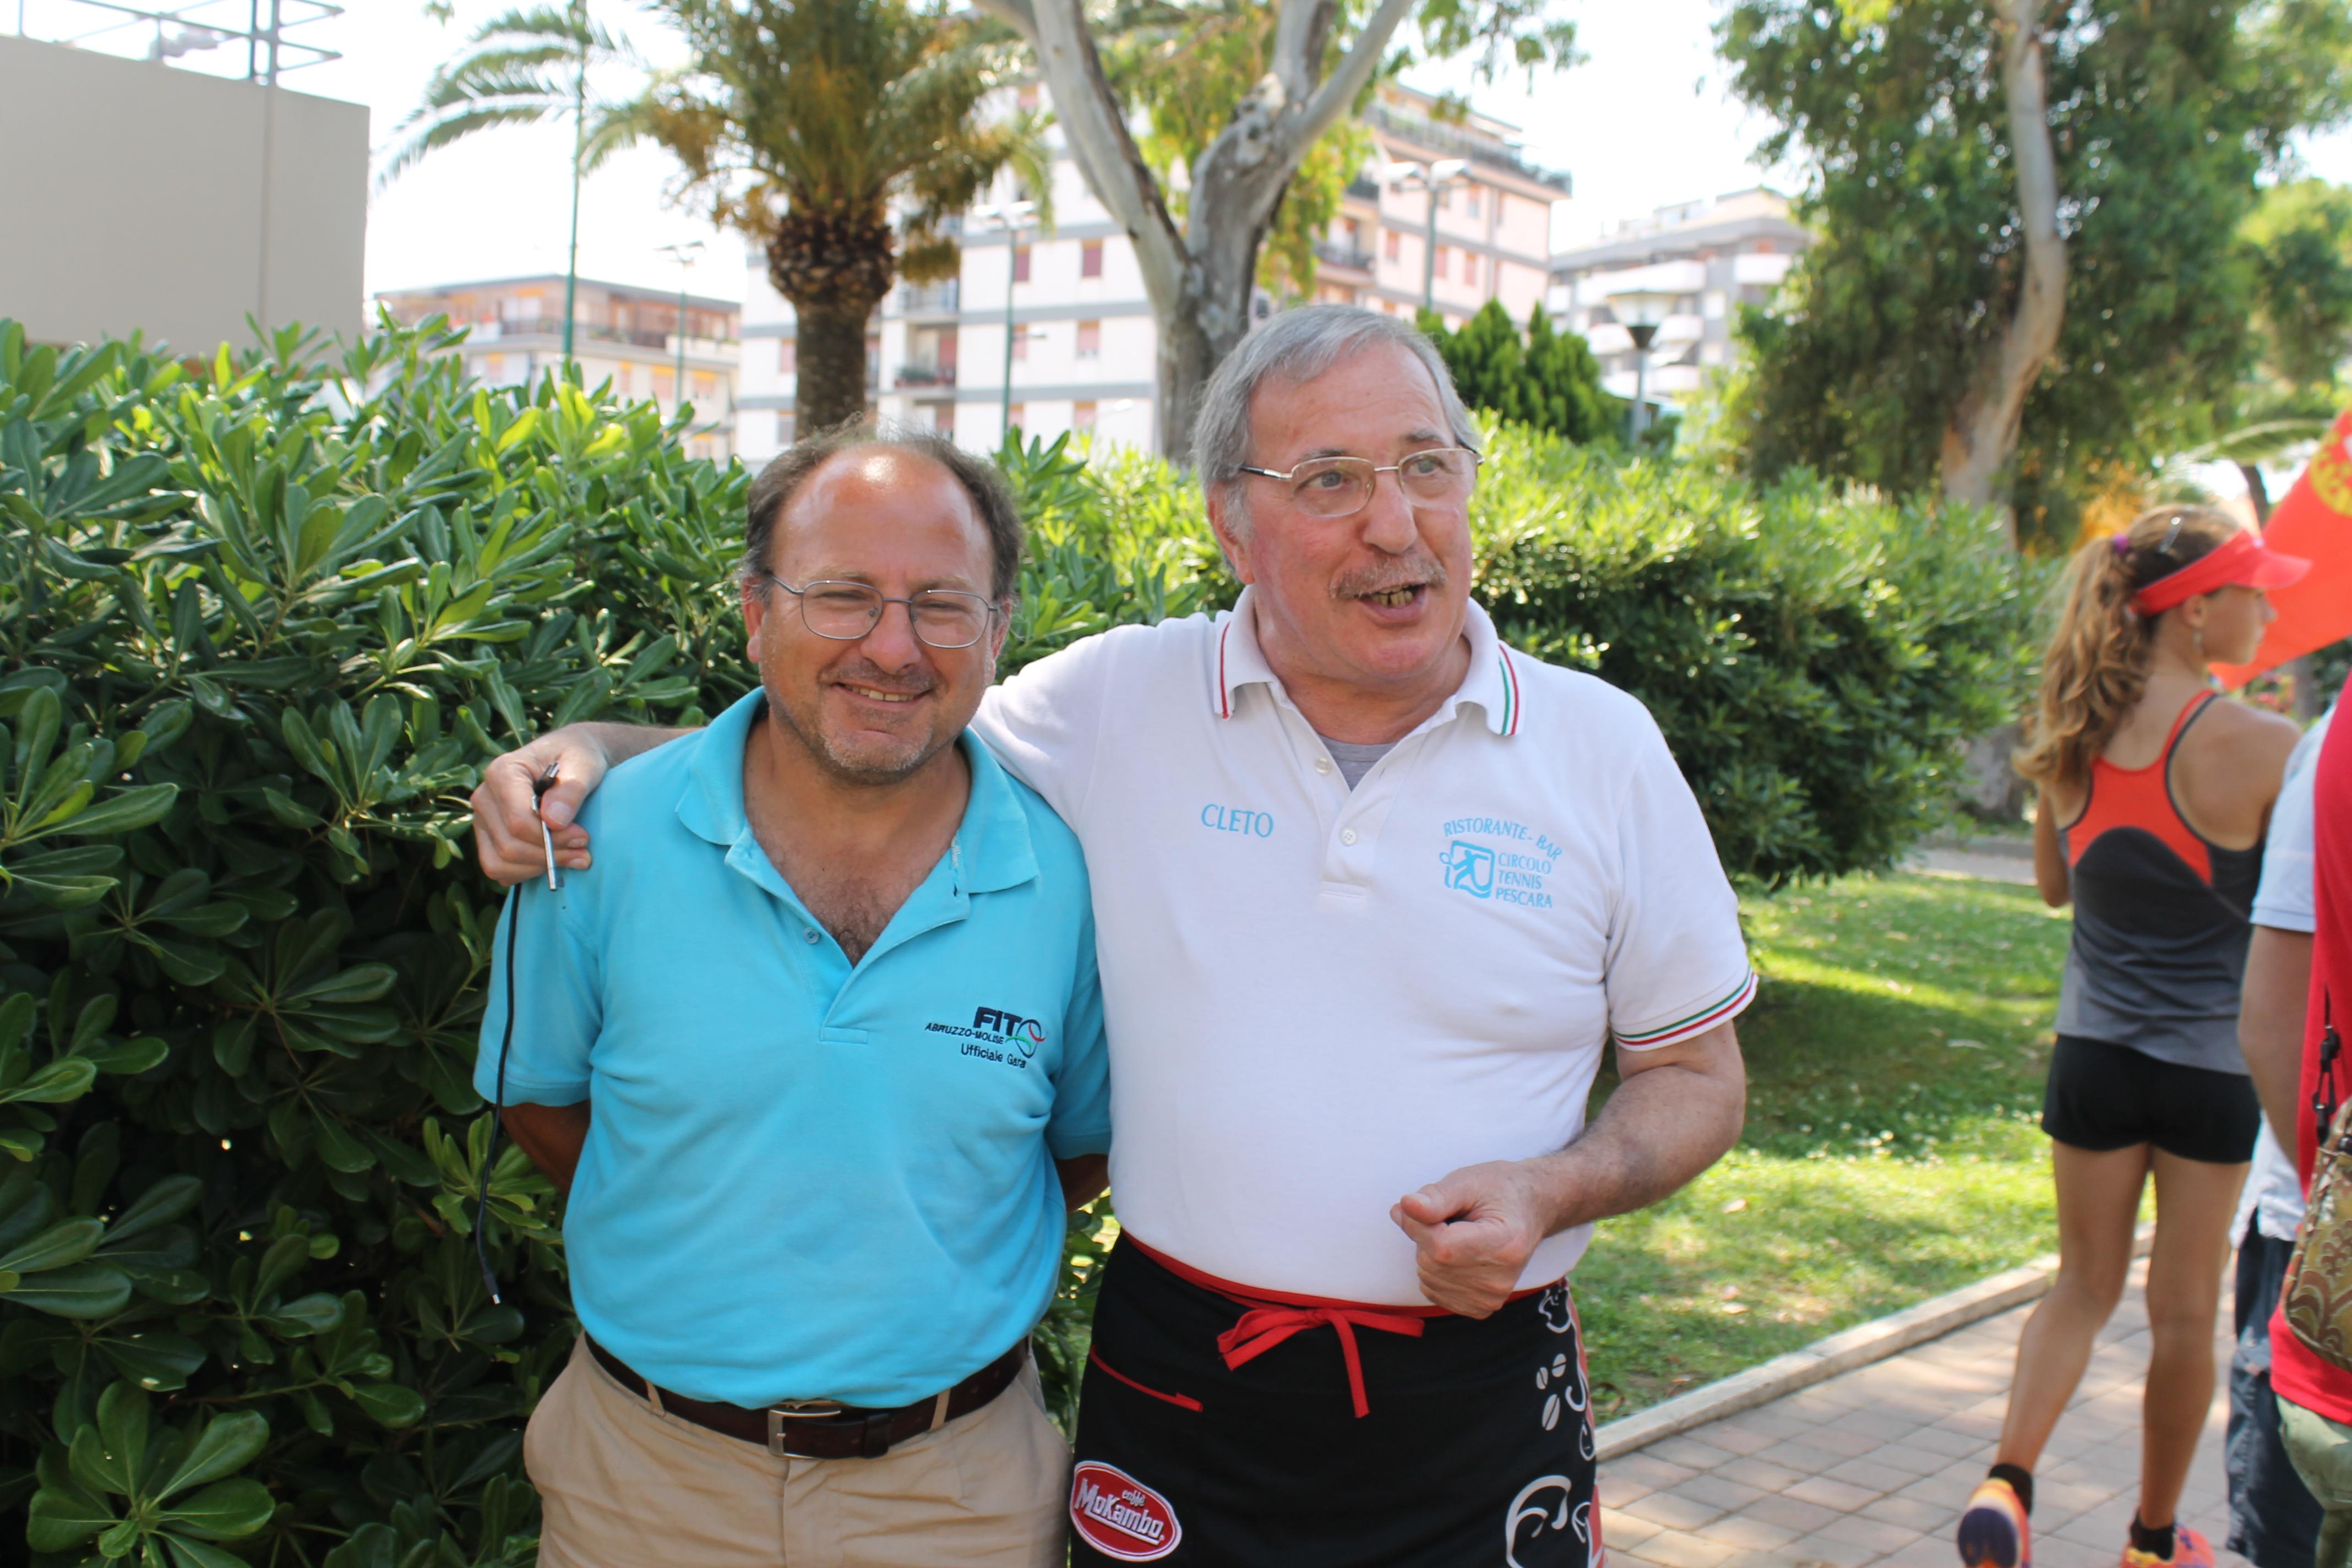 Silvio e Cleto (giudice arbitro e animatore Staff)